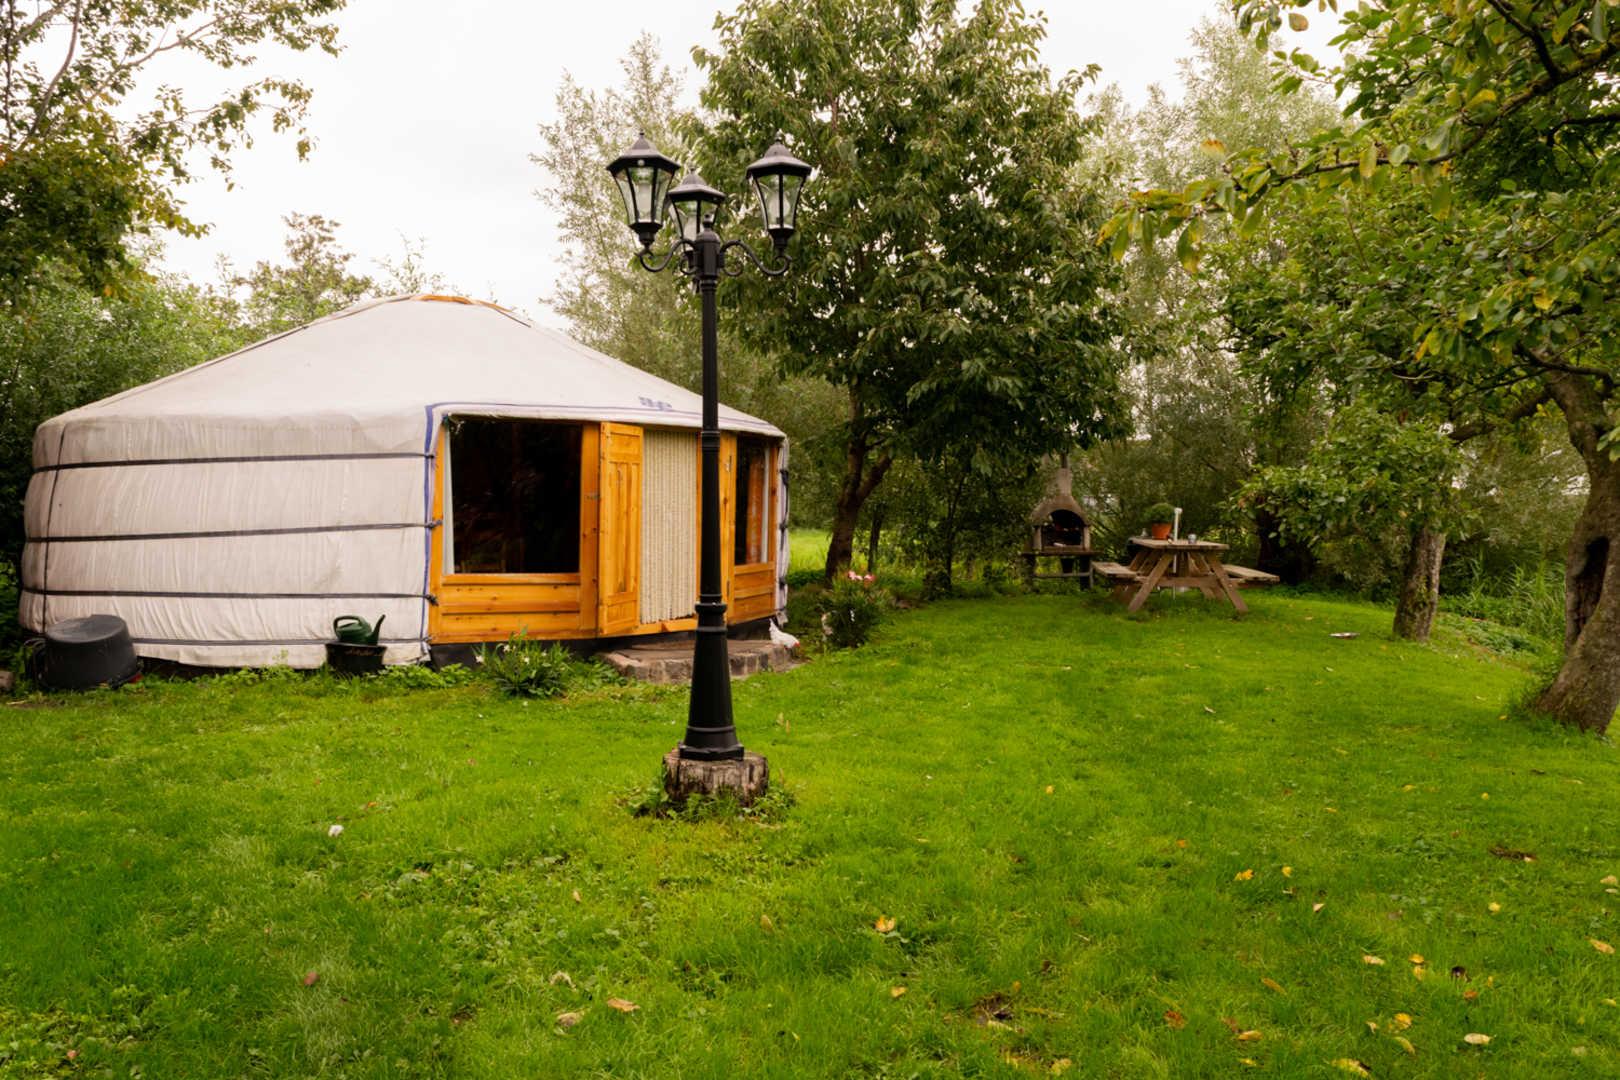 bijzondere kampeerplekken, slapen in een yurt